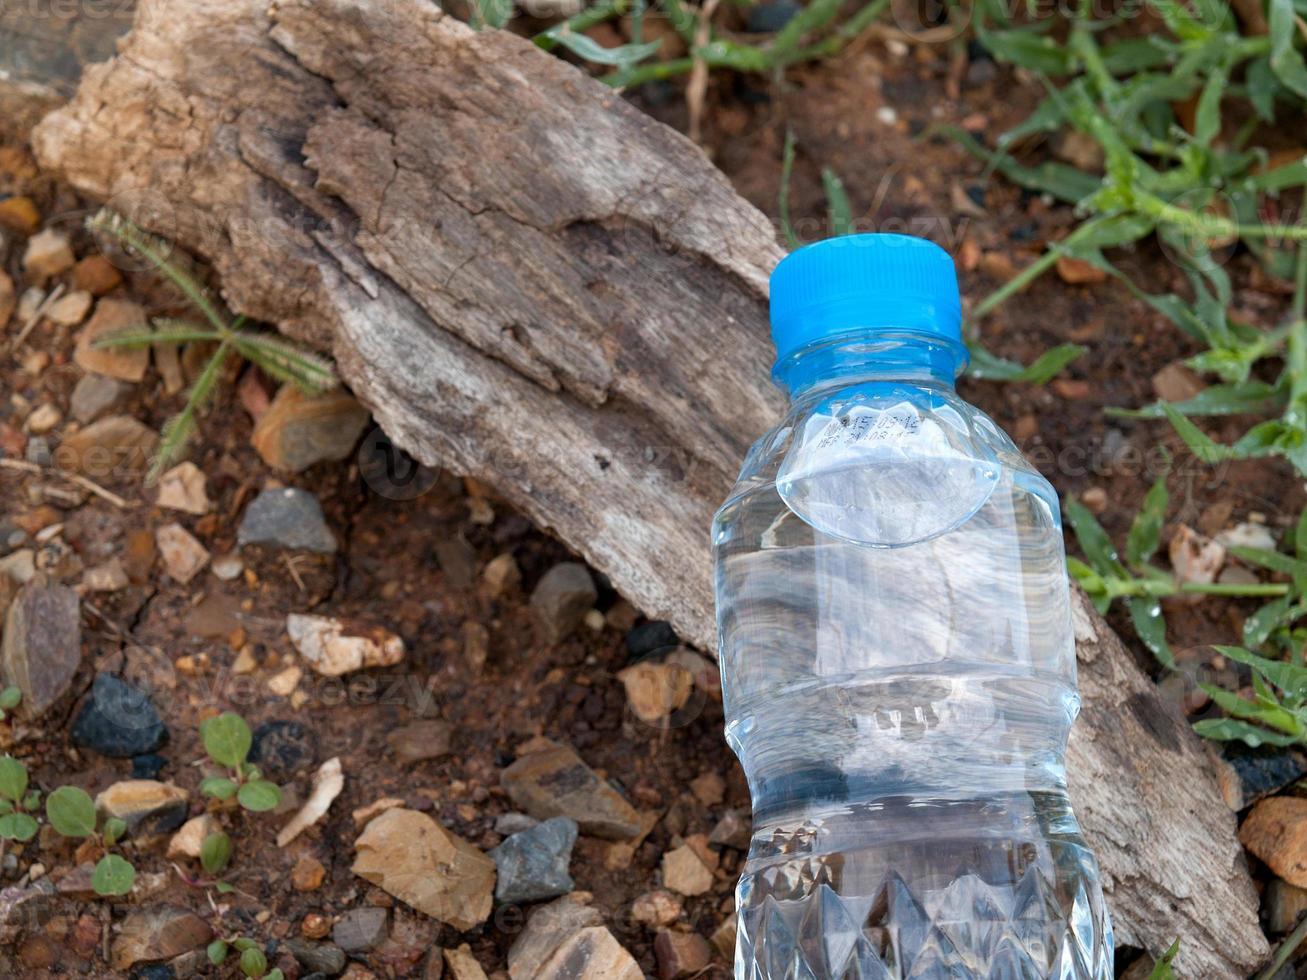 Trinkwasser Natur foto